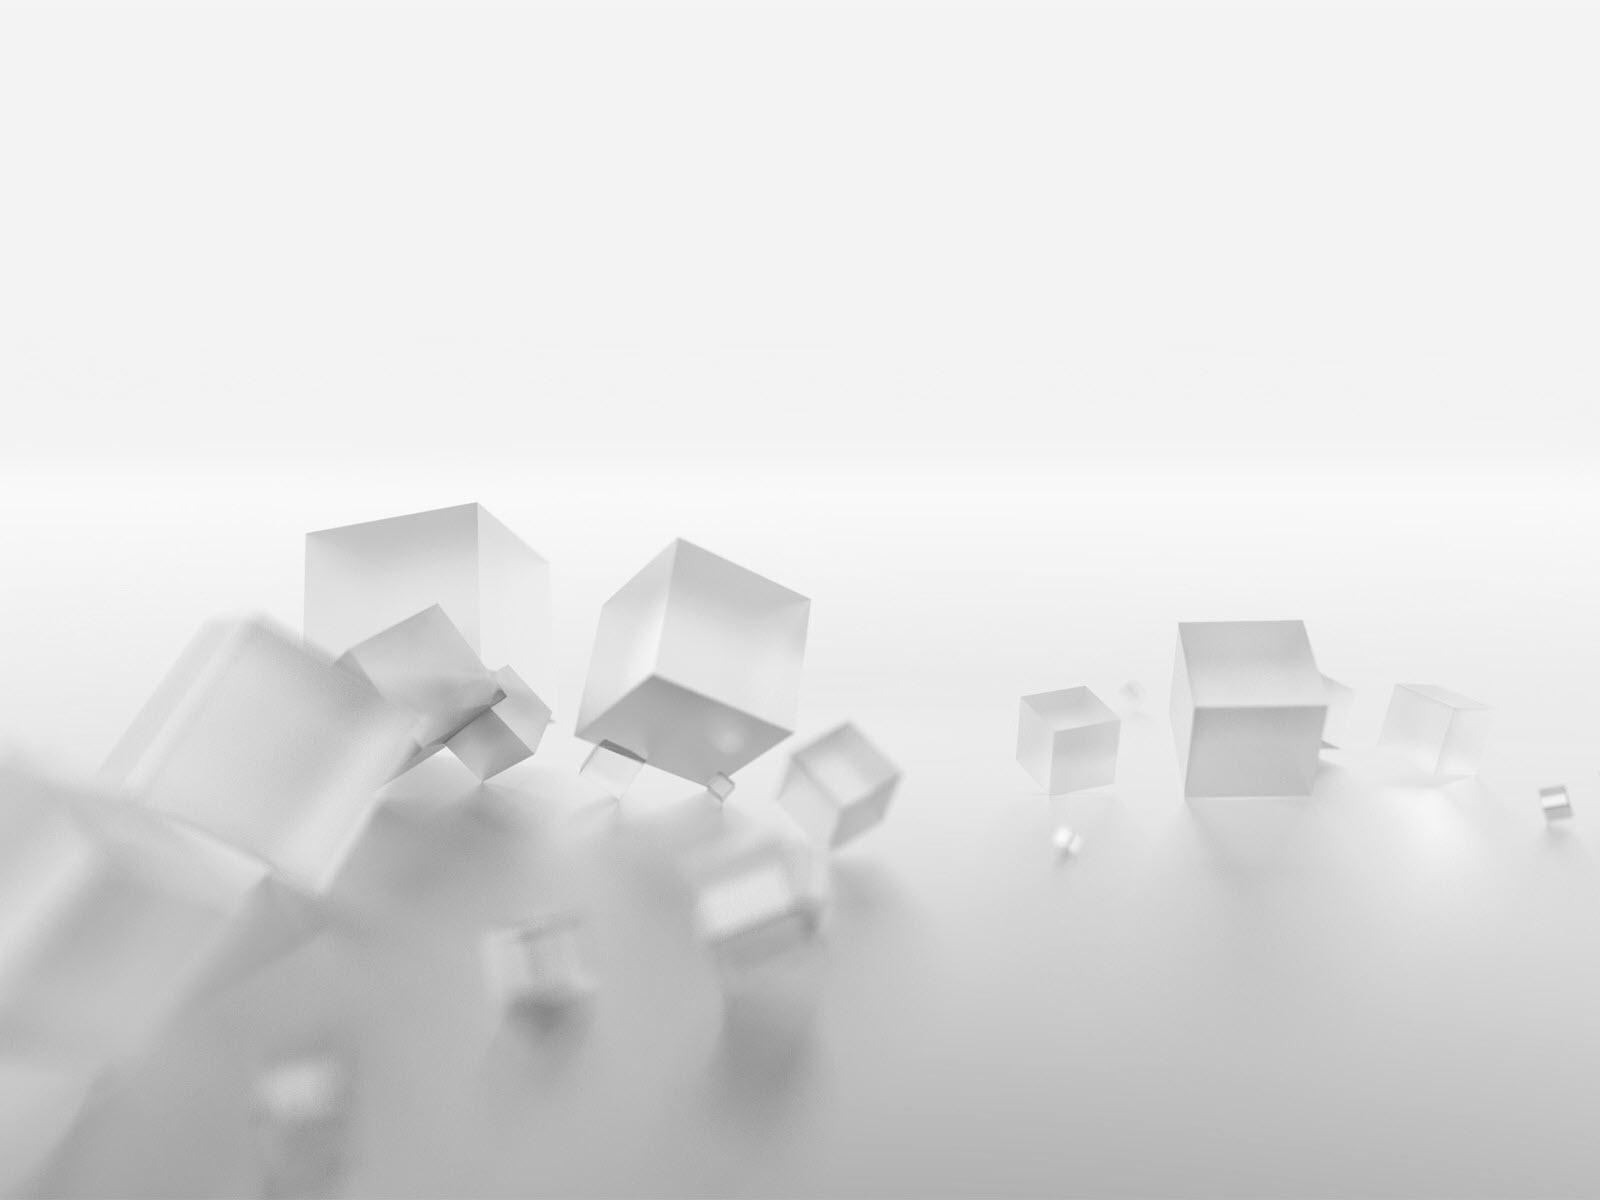 Hình nền powerpoint màu trắng đẹp